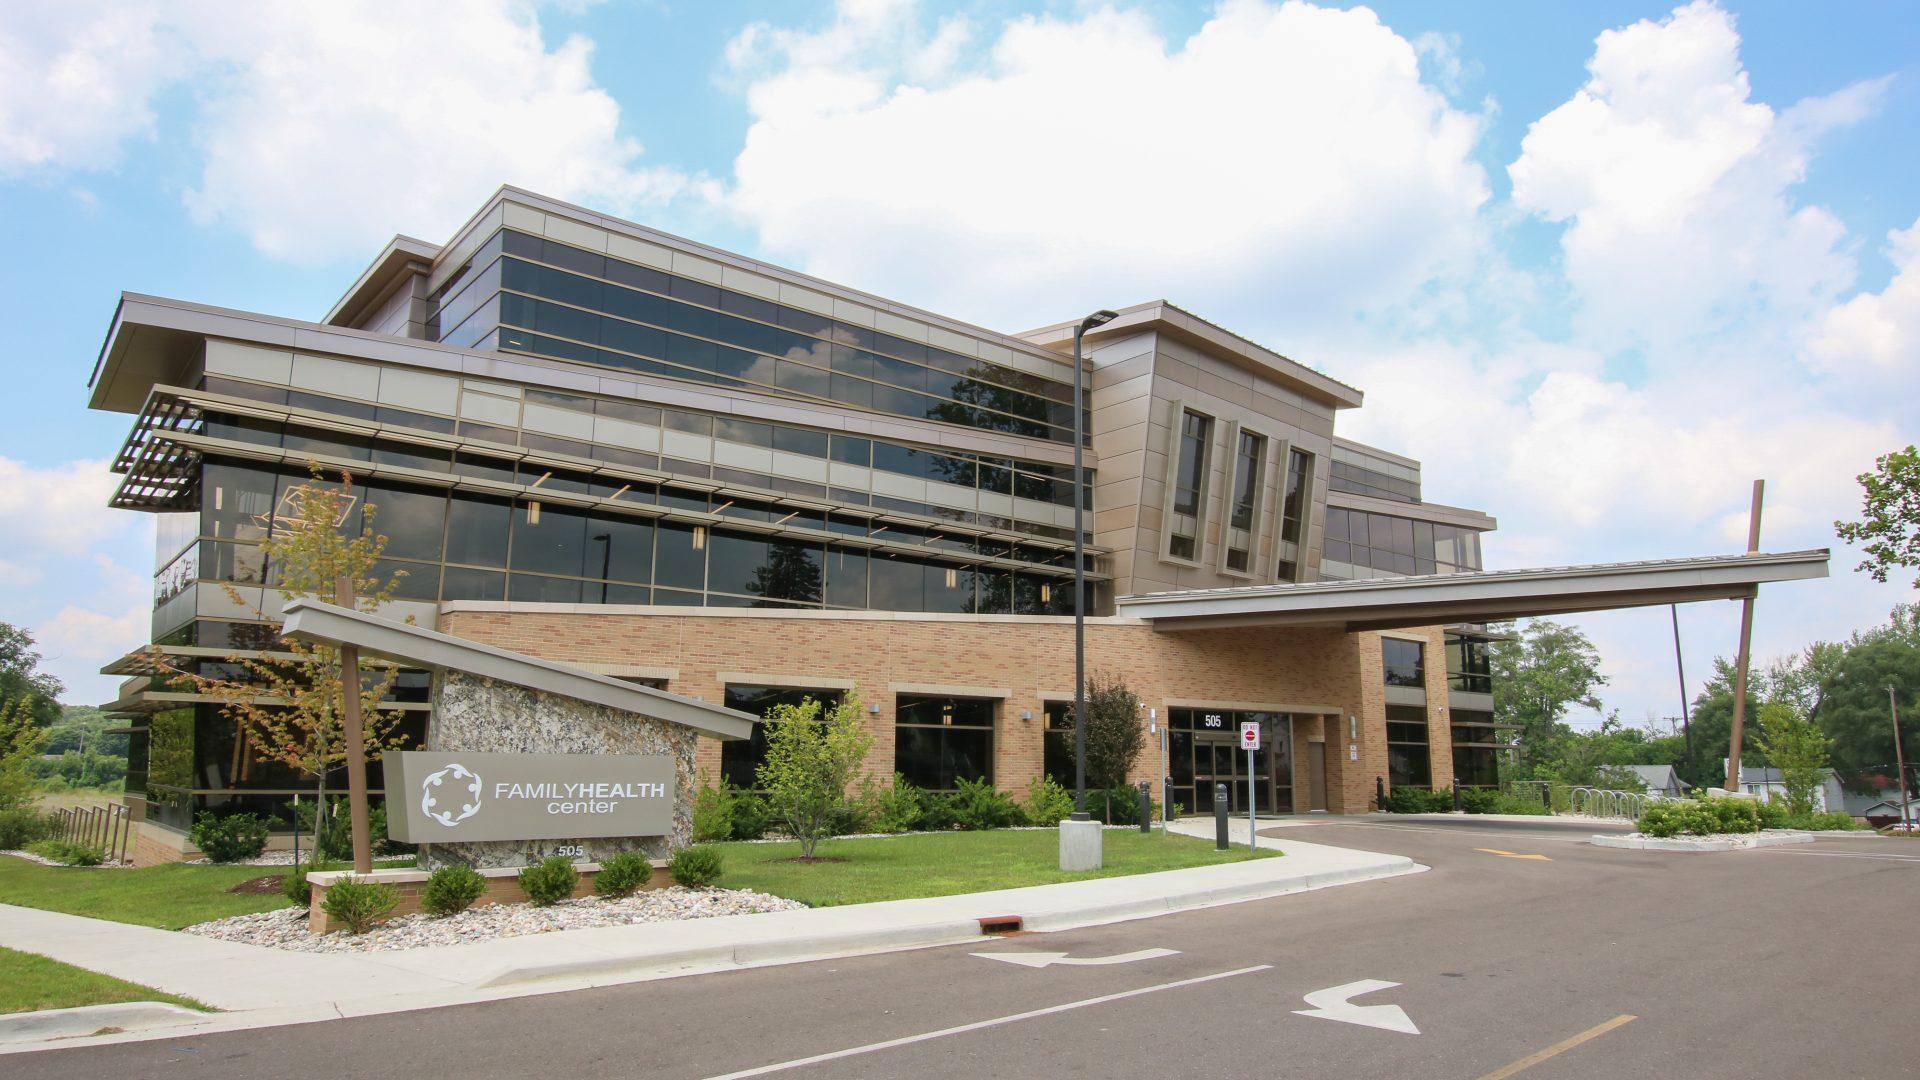 Kalamazoo's Family Health Center